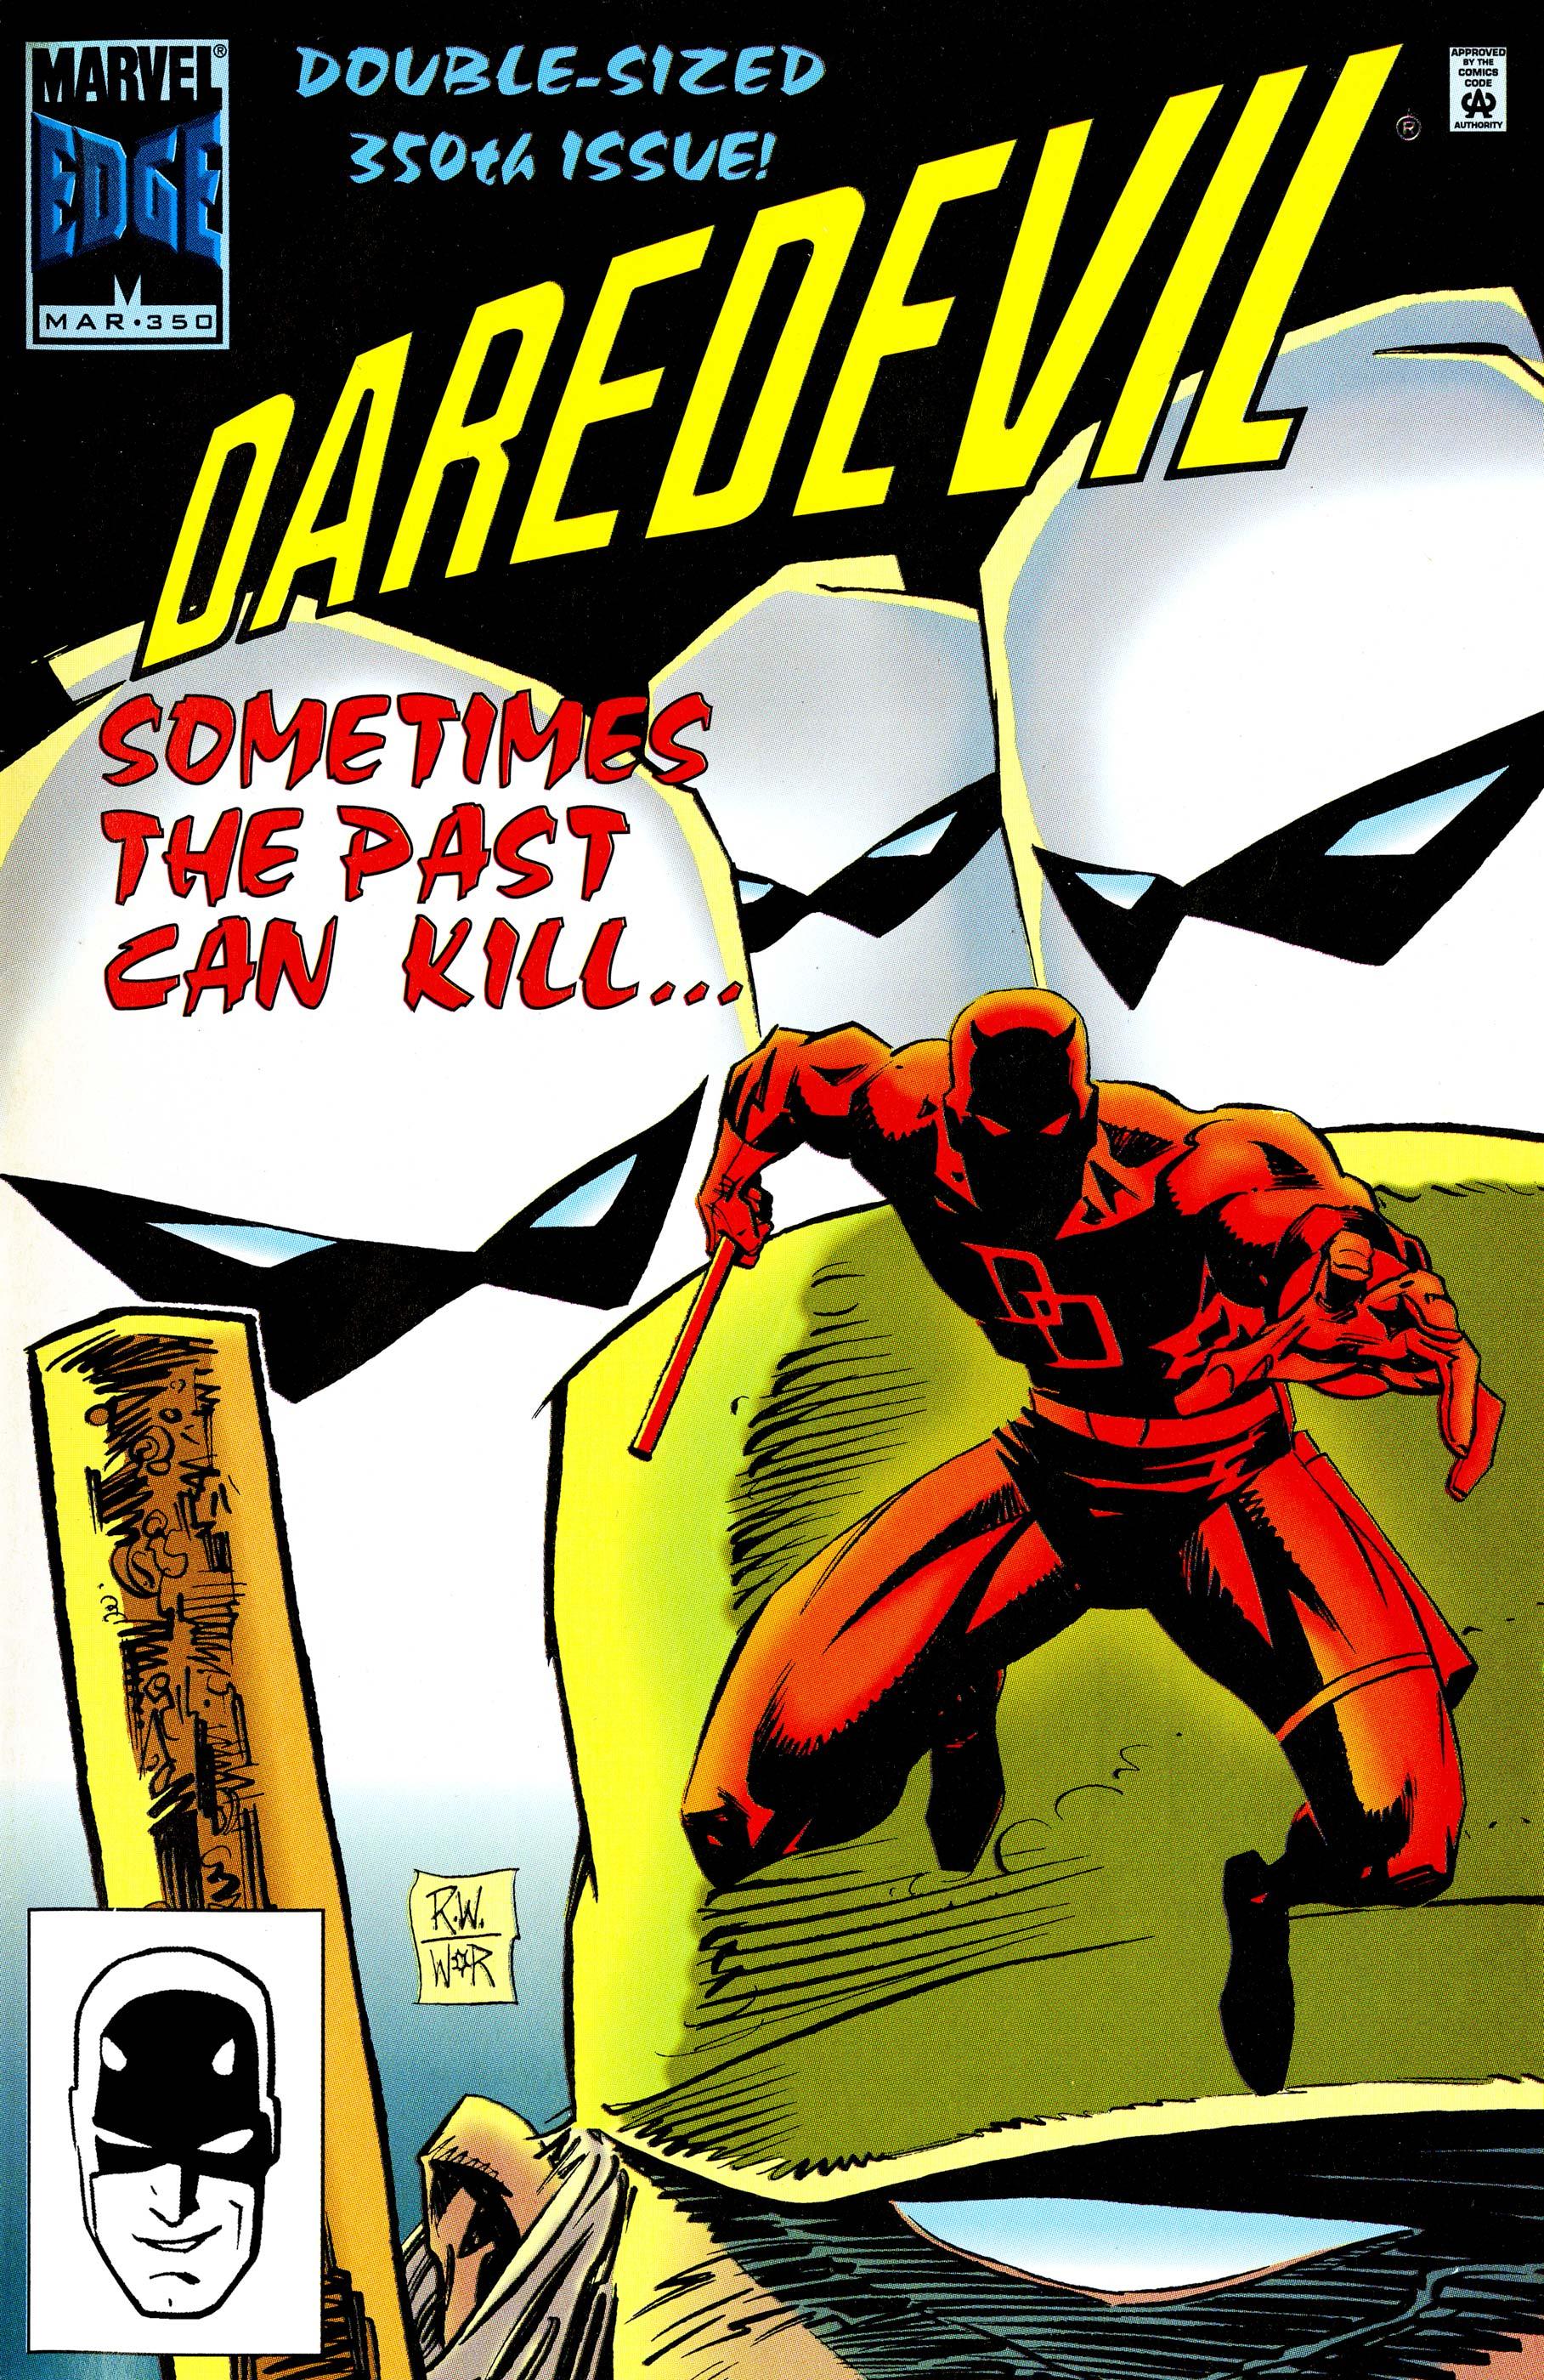 Daredevil (1964) #350